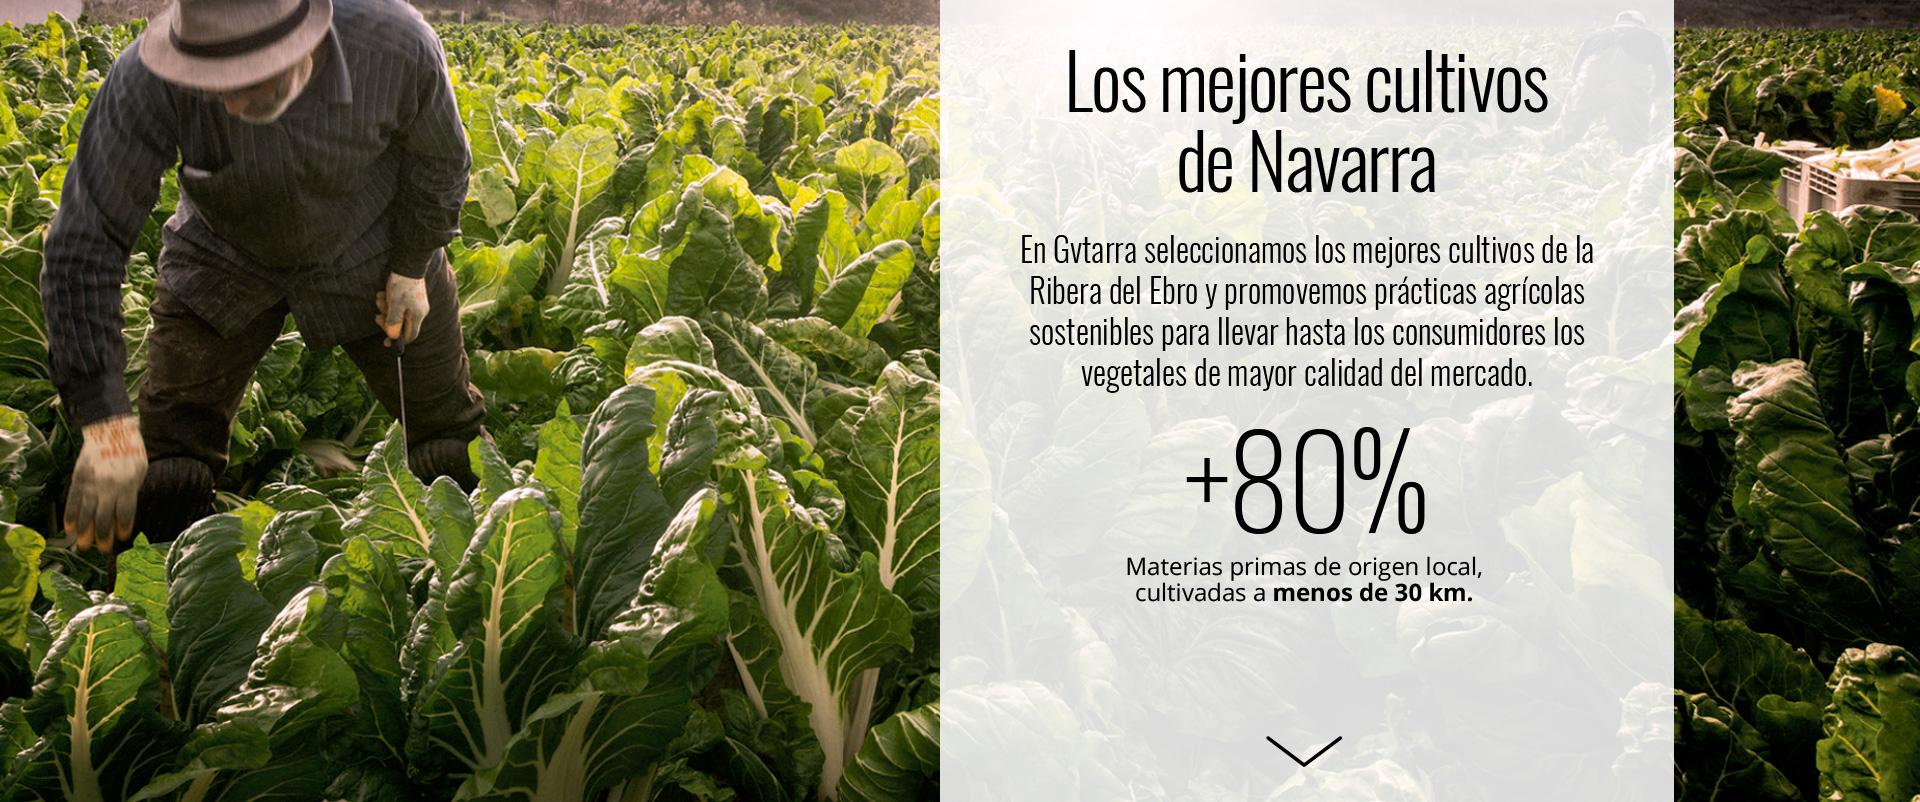 Los mejores cultivos de Navarra